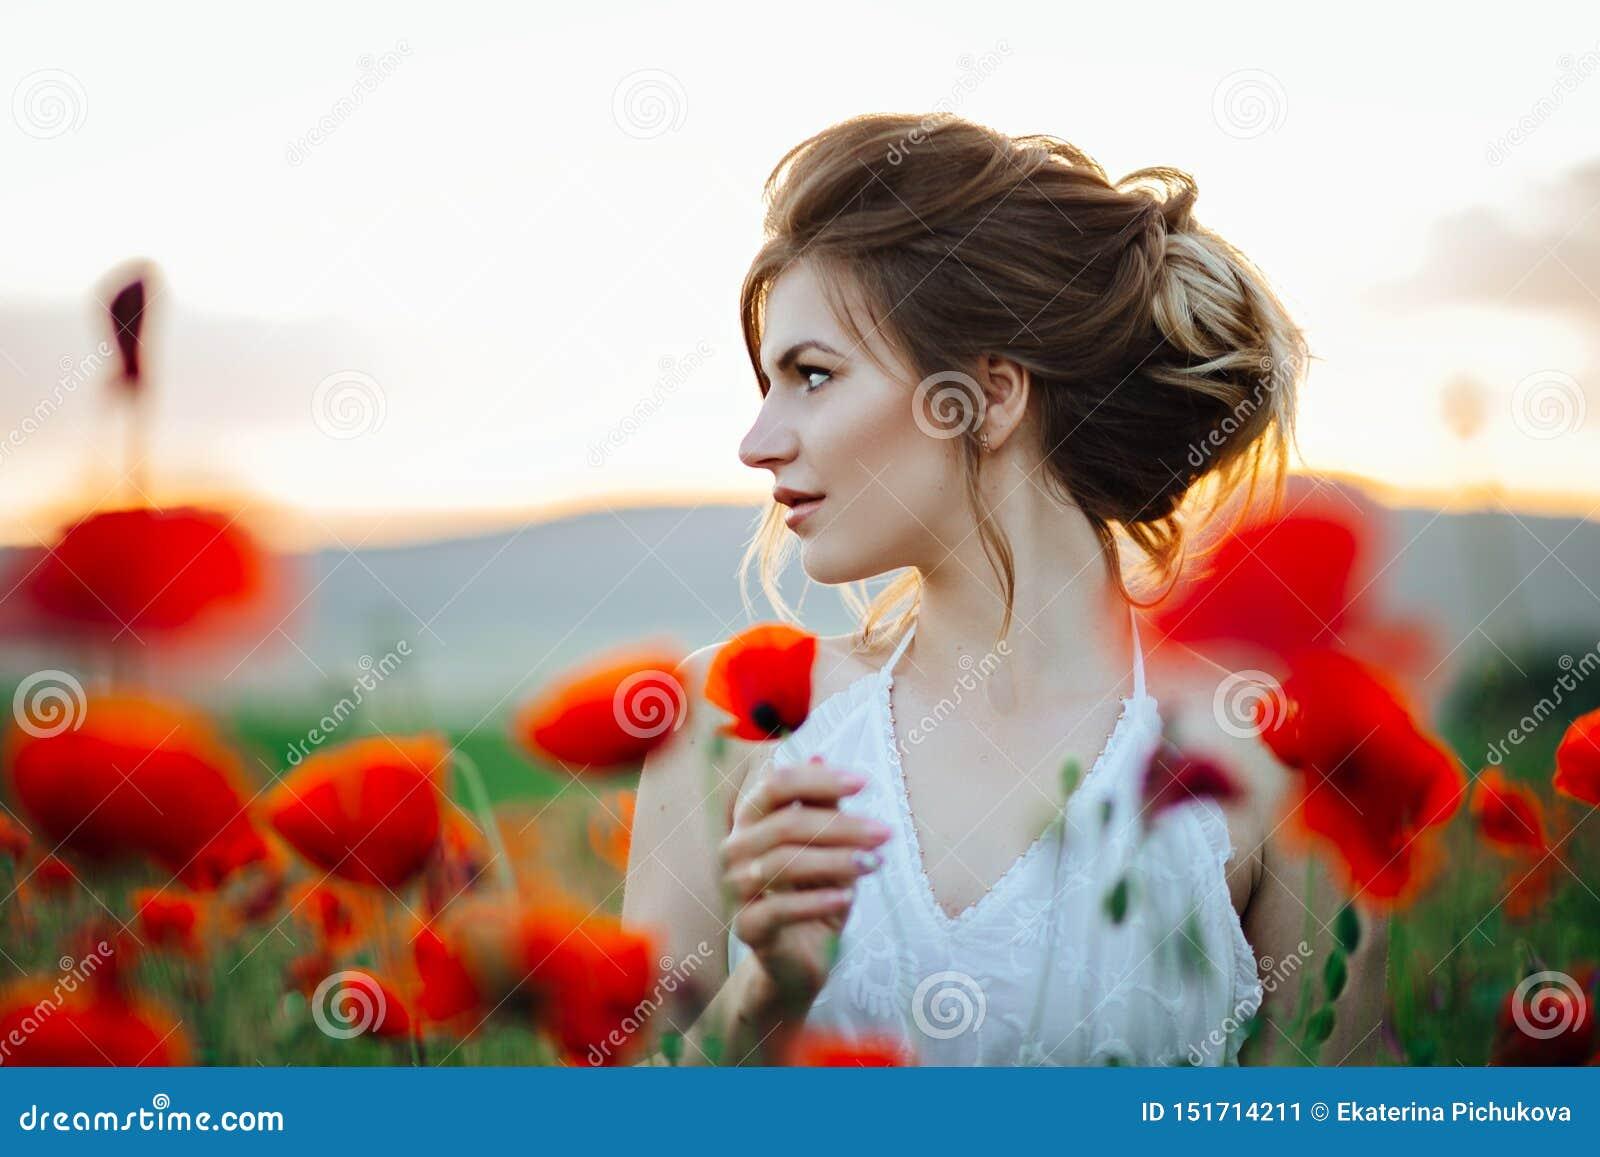 Красивая маленькая девочка в полях мака на заходе солнца E